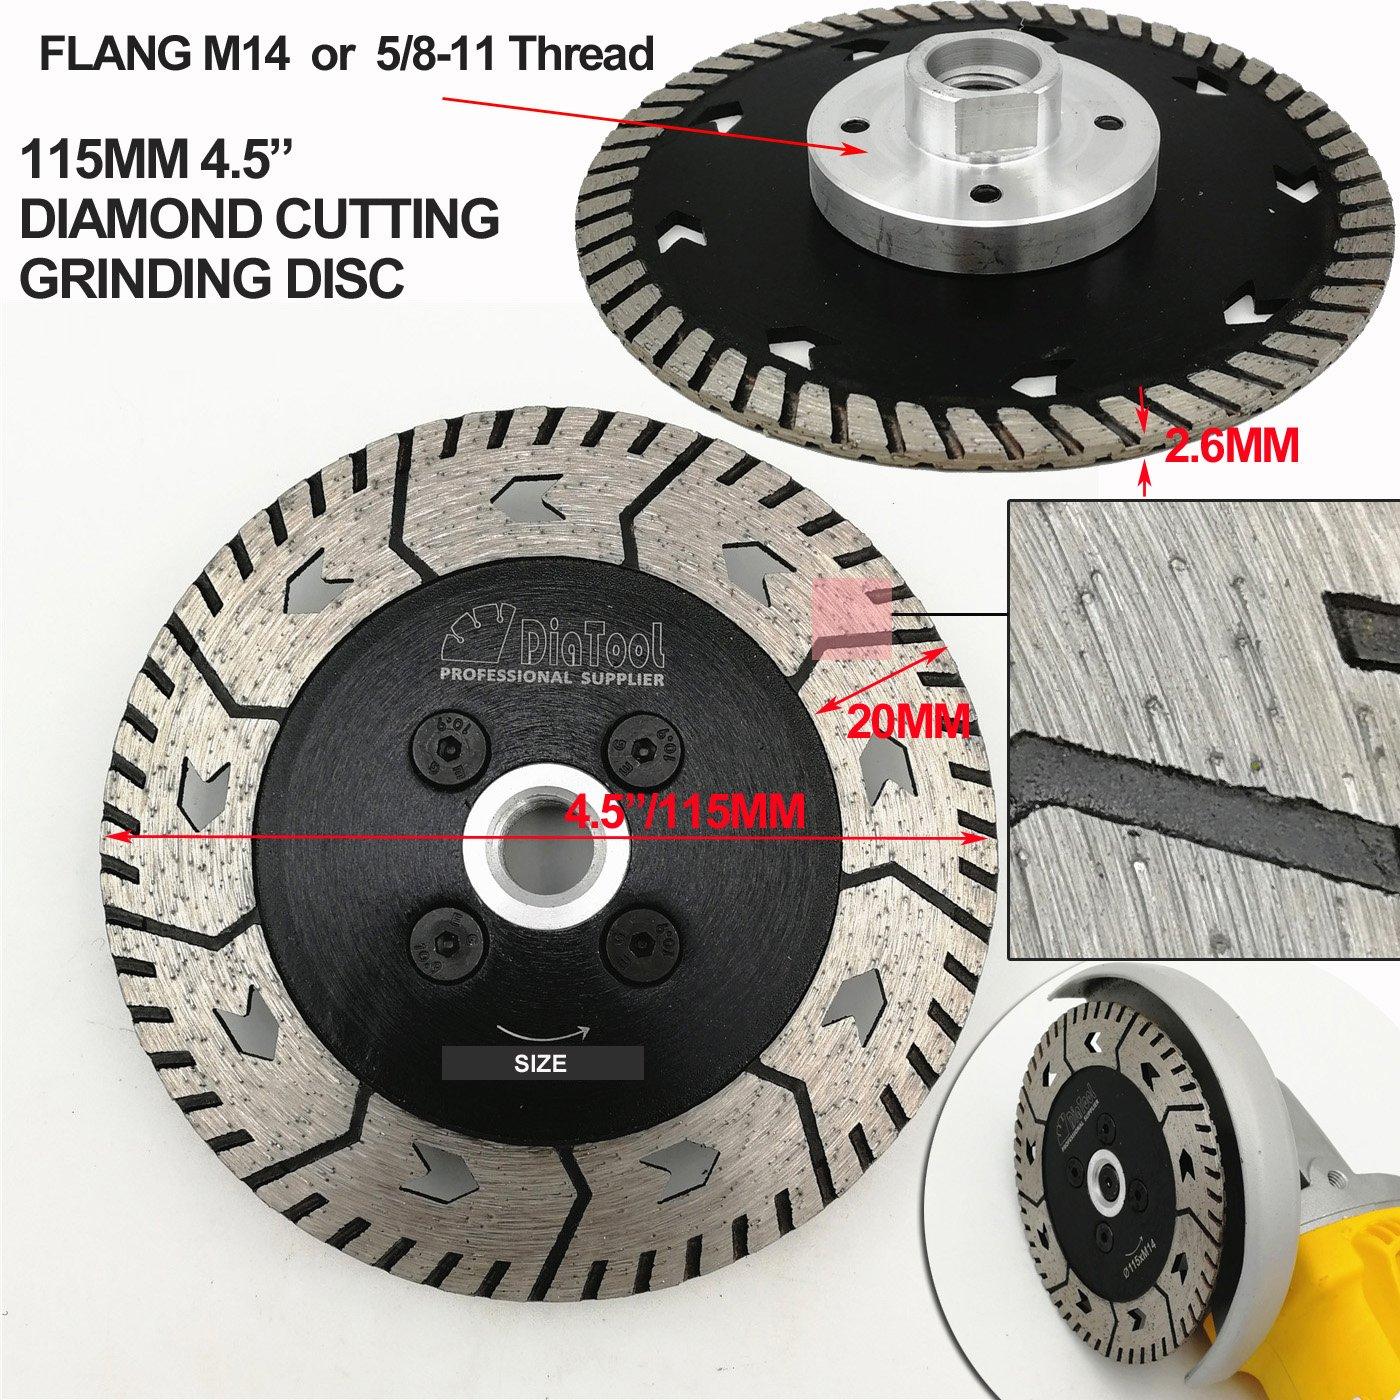 DIATOOL Diamond Grindng wheel Disc 2pcs 5 inches Cut Grind Sharpen Granite Dual Blades SHANGHAI DIATOOL CO LTD.